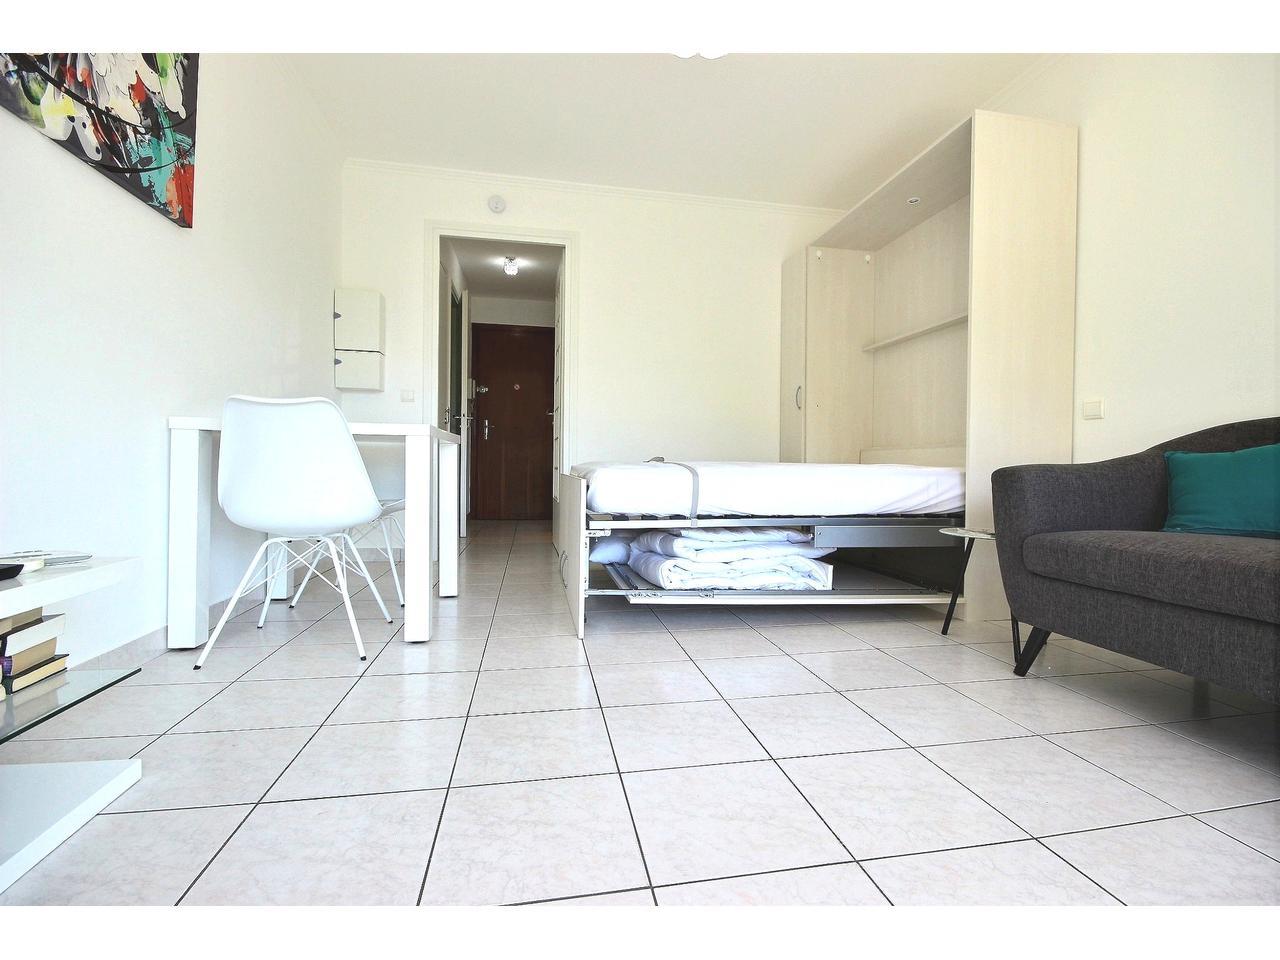 Köpa en lägenhetn i södra frankrike hos en svensk mäklare